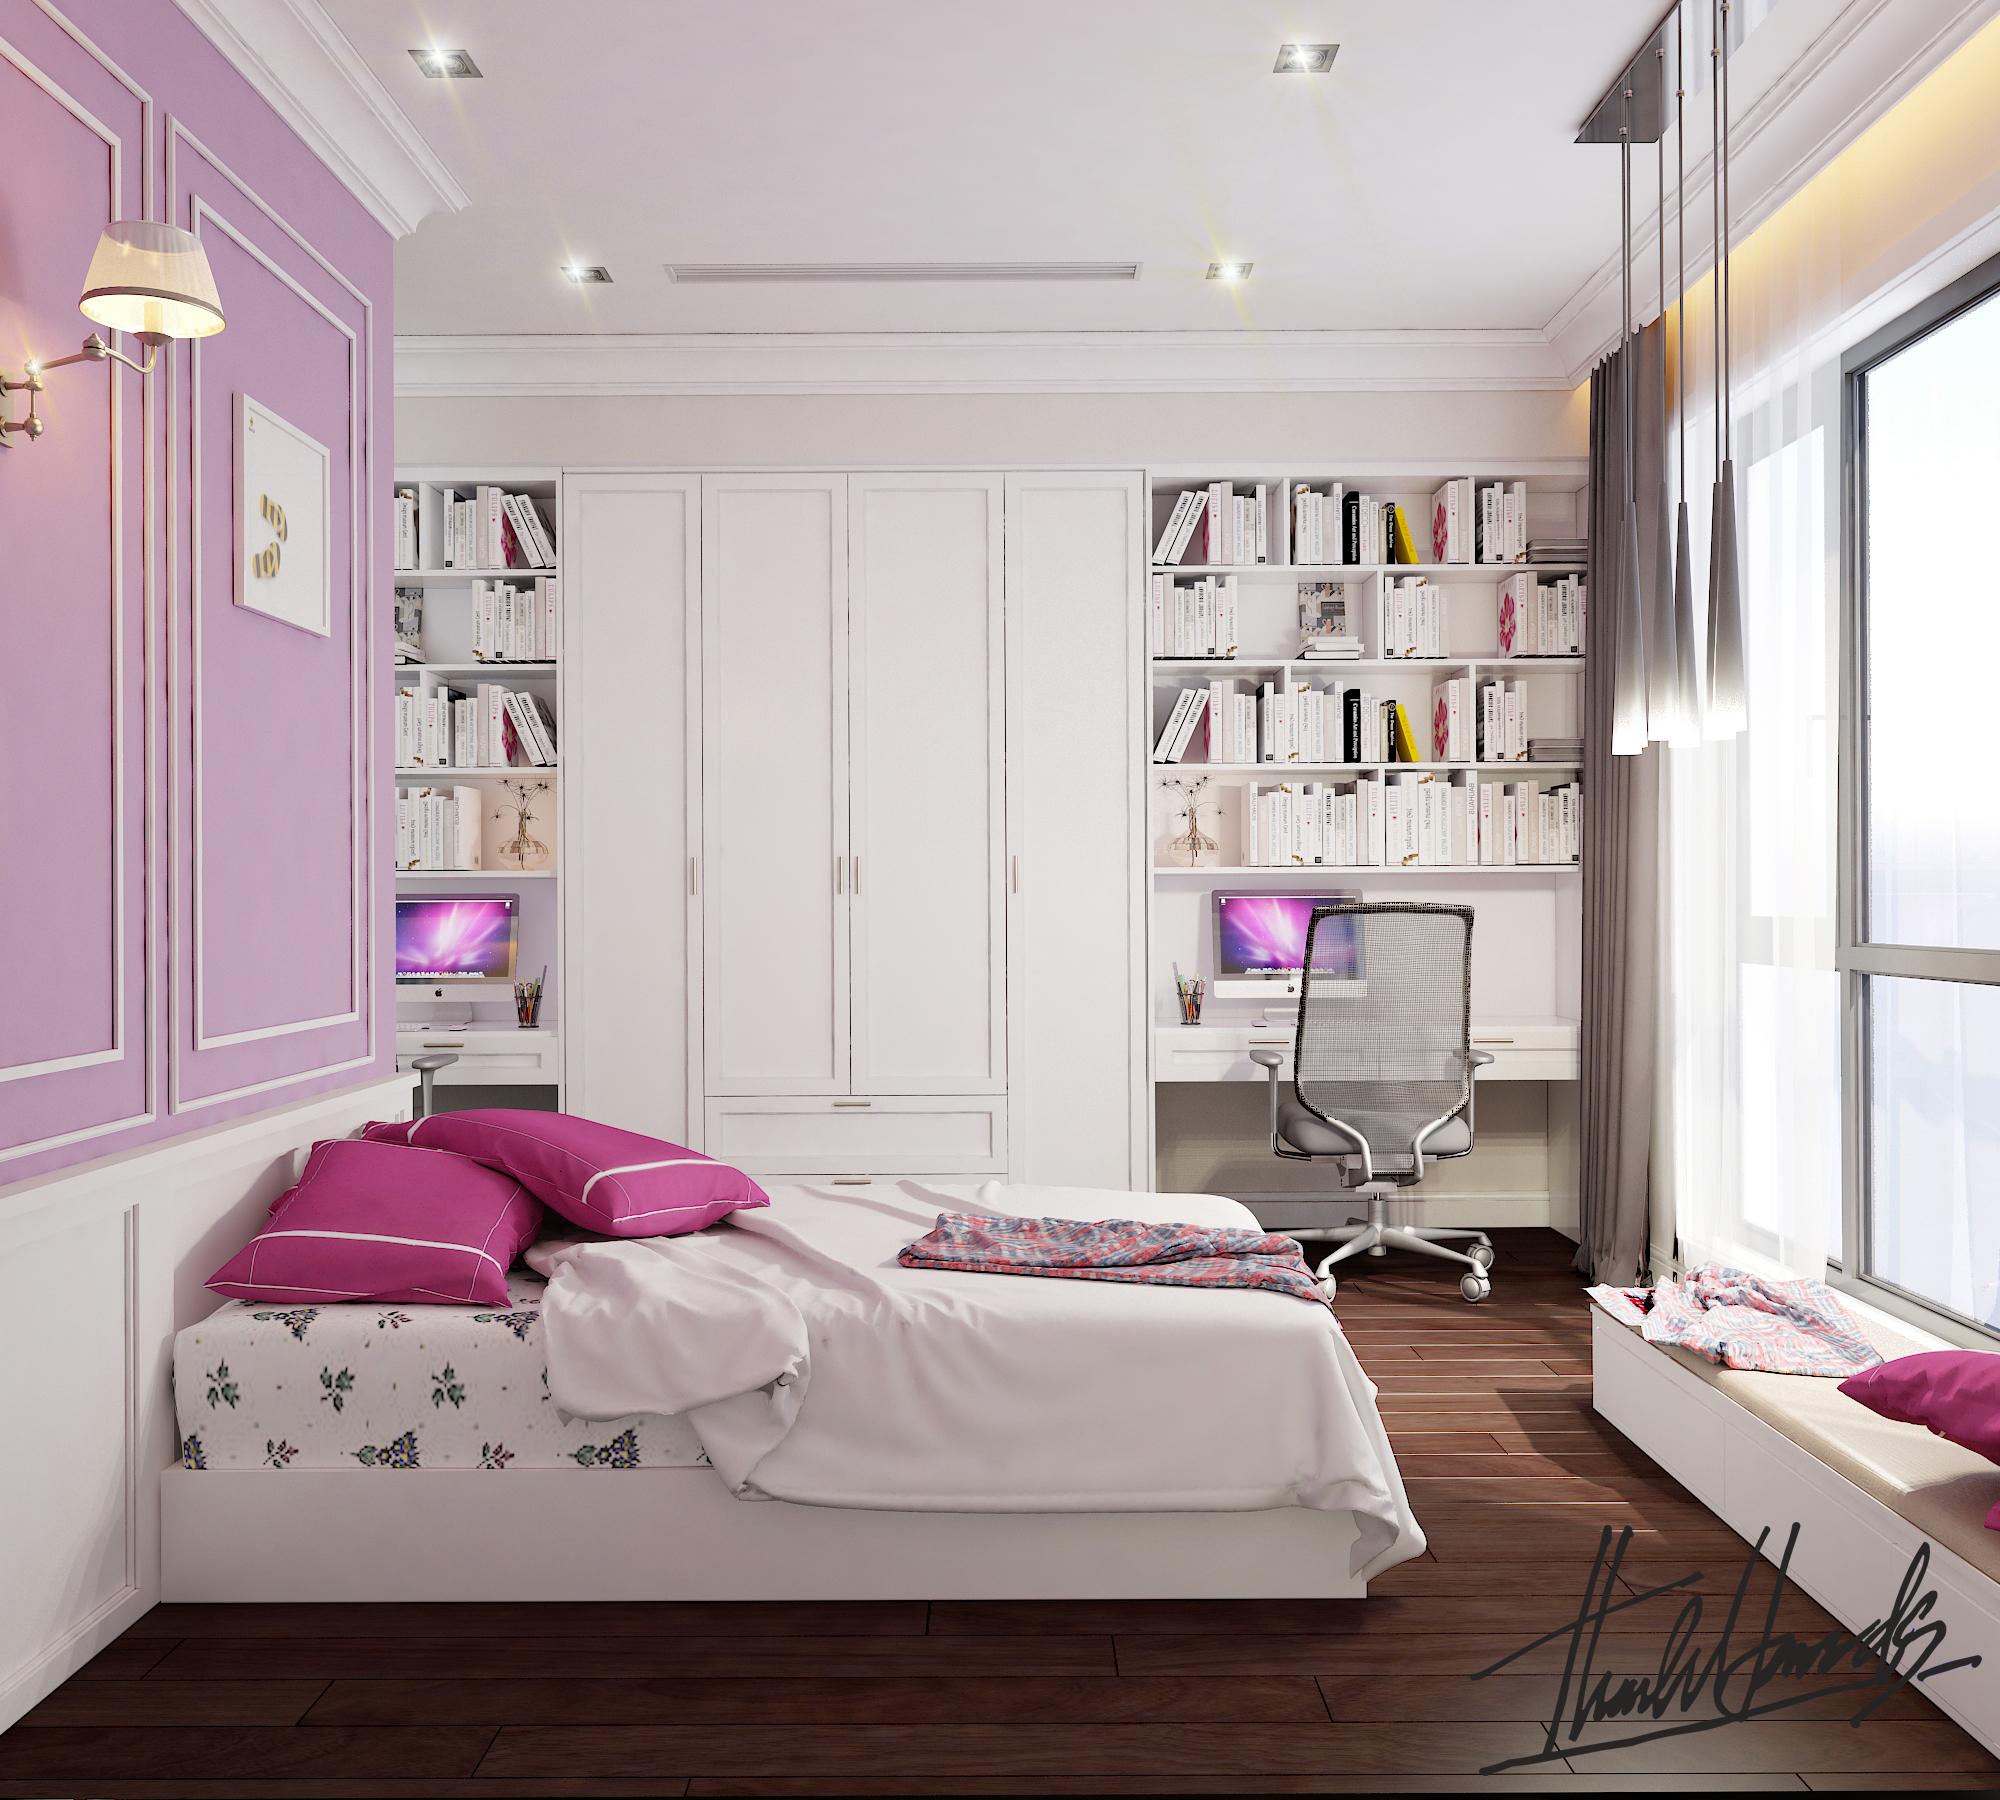 thiết kế nội thất chung cư tại Hà Nội chung cu royacity 18 1568191849